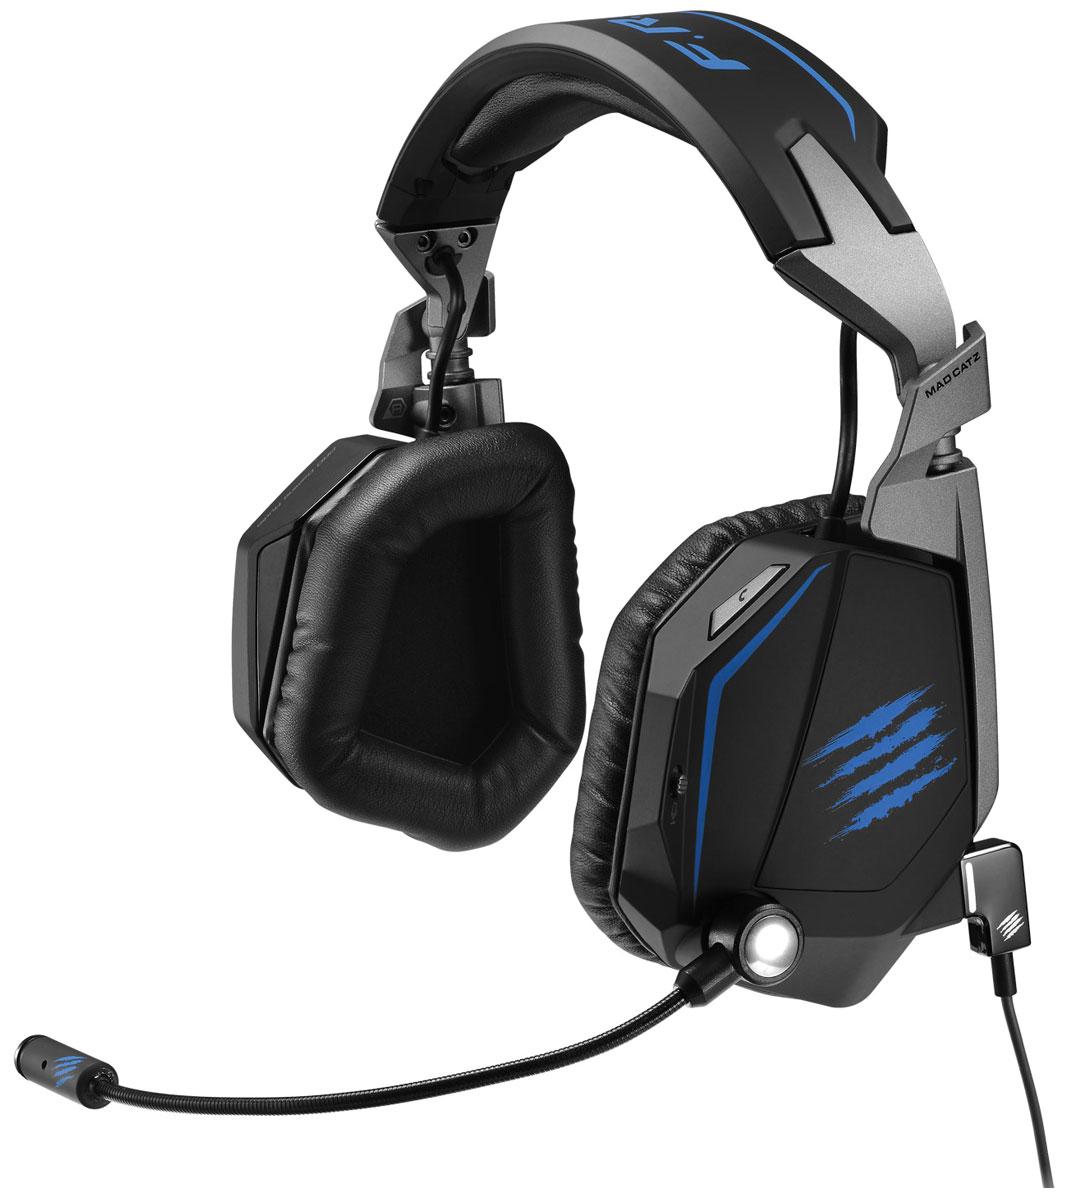 Mad Catz F.R.E.Q.ТЕ 7.1, Black наушники с микрофоном + бонус код Path of Exile (MCB434120B02/02/1)PCAmc50Амбушюры наушников из пенного материала с эффектом памяти пассивно подавляют шумы и обеспечивают комфорт Однонаправленный микрофон улавливает только ваш голос